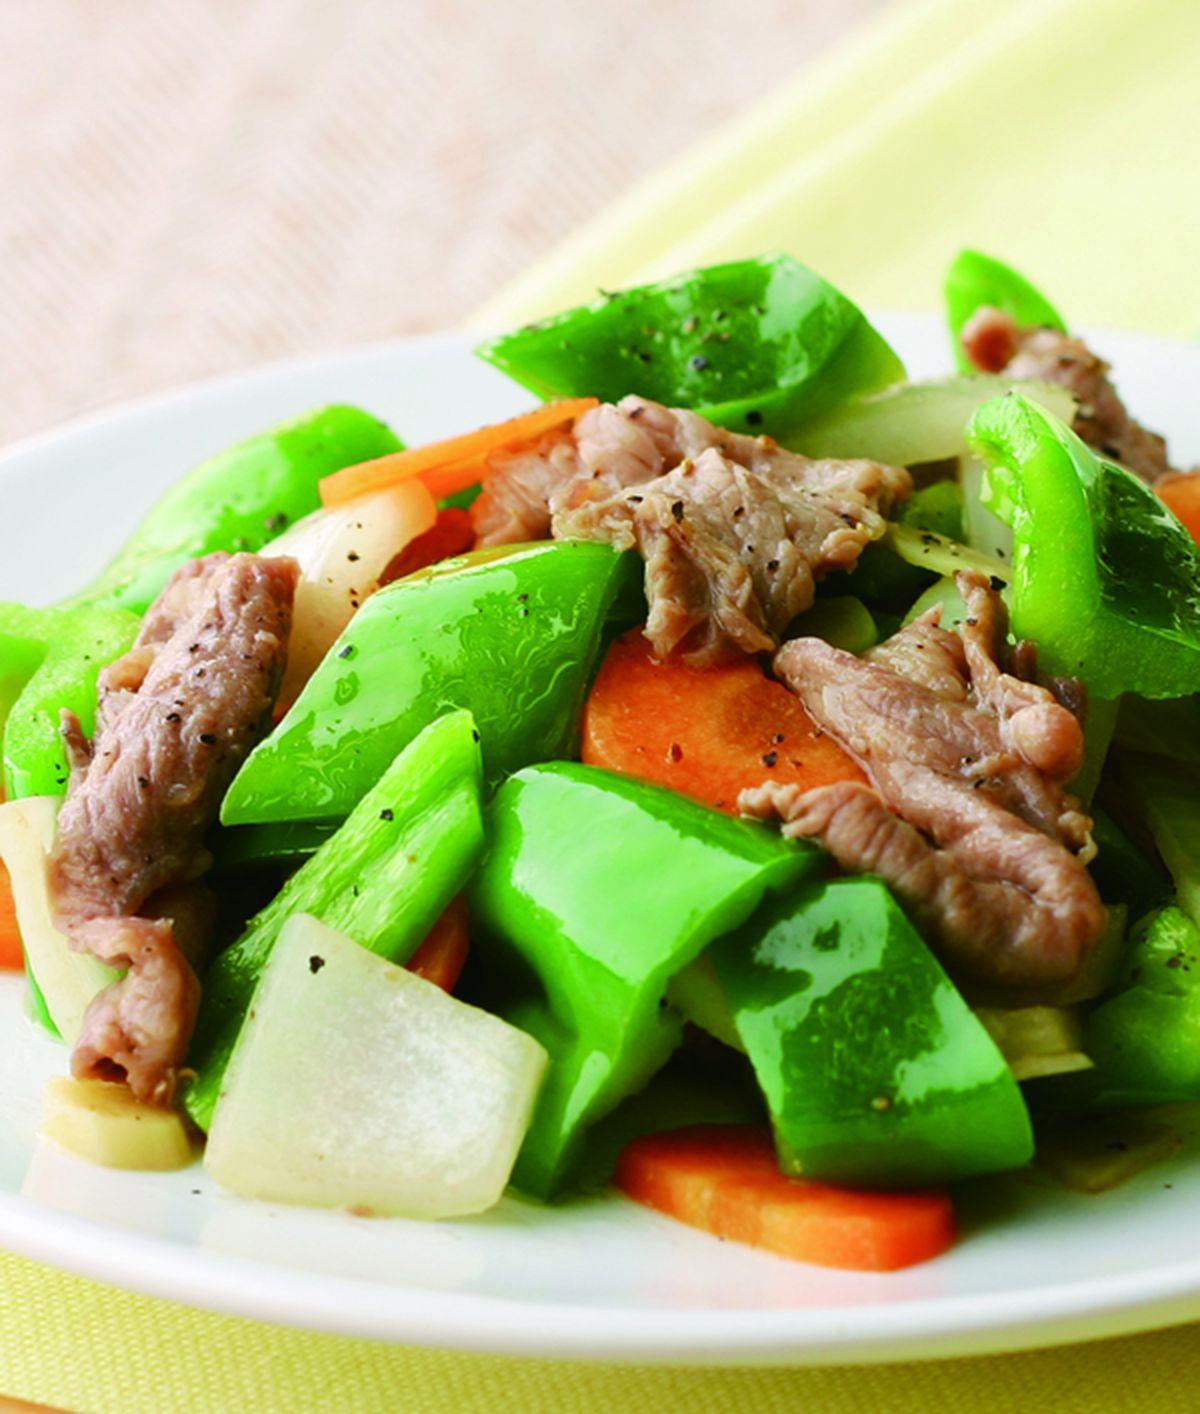 食譜:青椒炒牛肉片